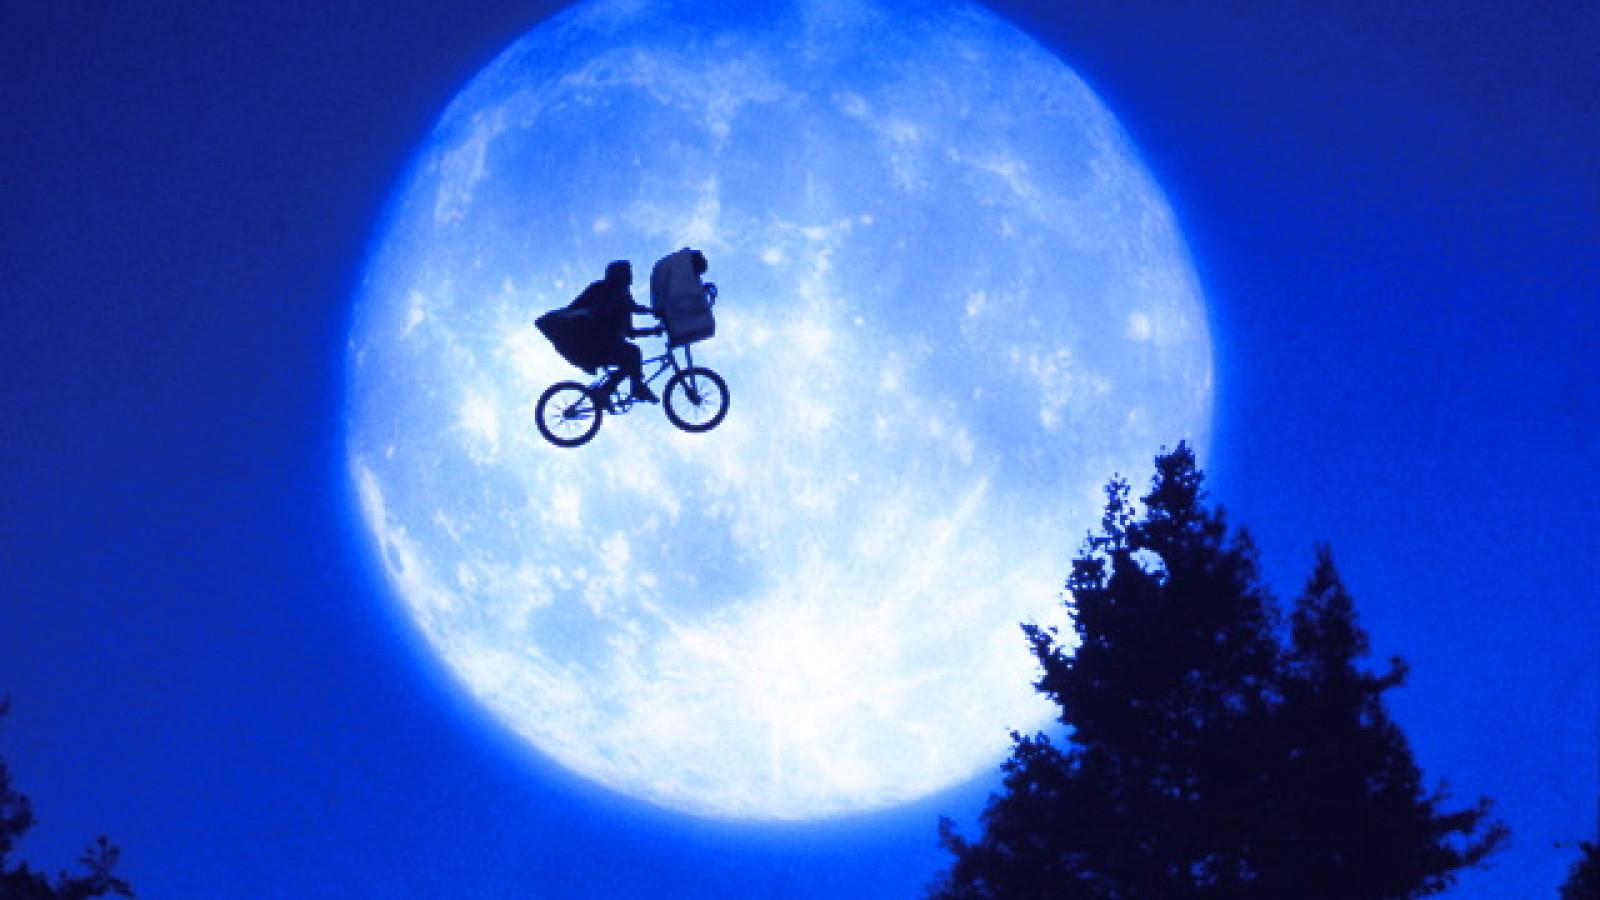 Et The Extra-Terrestrial / Et The Extra Terrestrial / E.T.